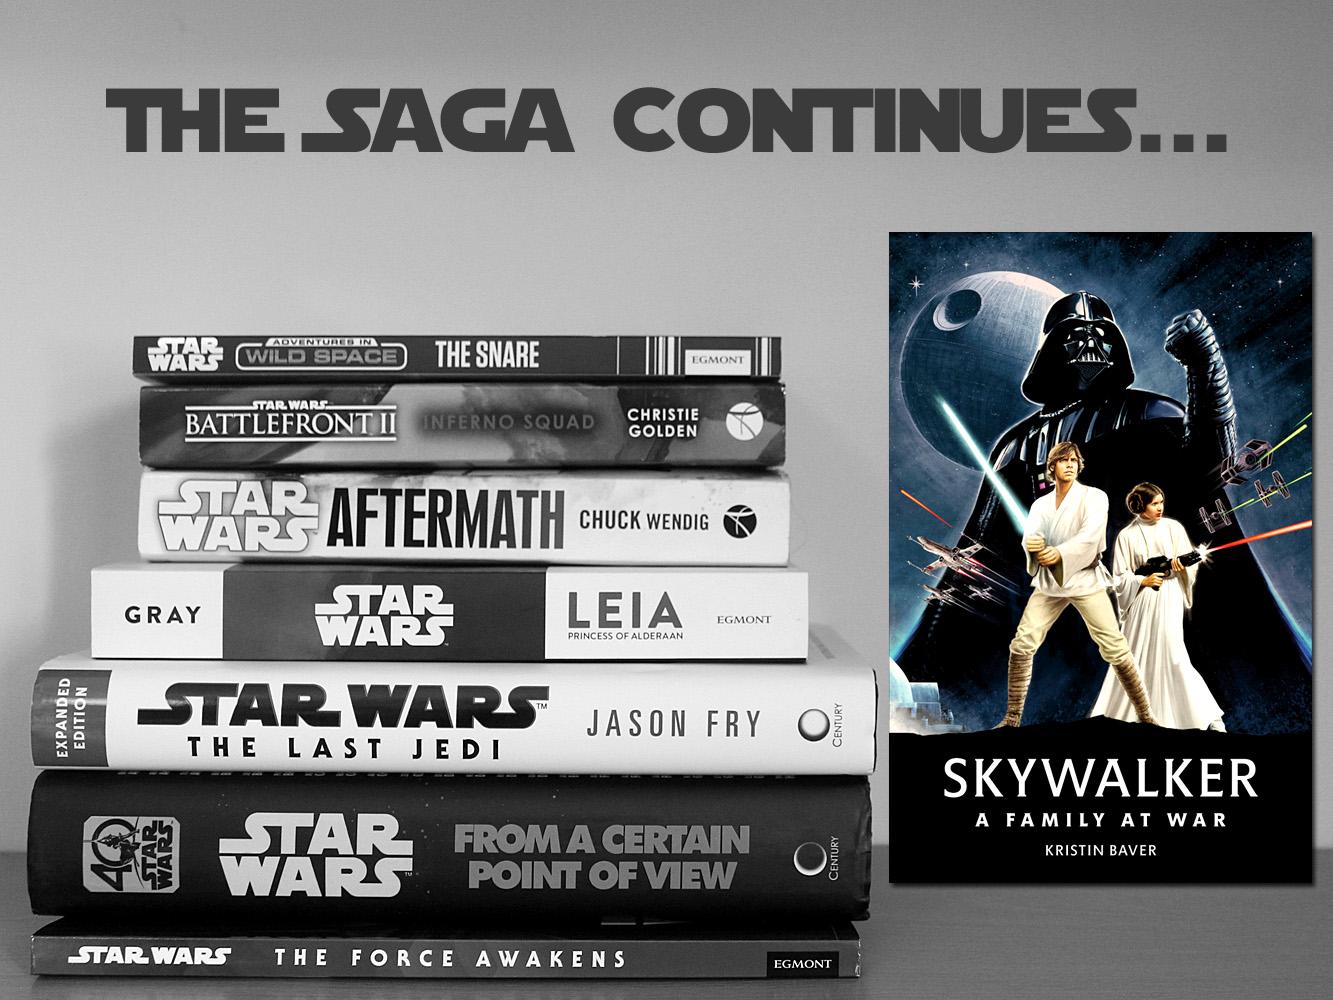 Skywalker A Family At War